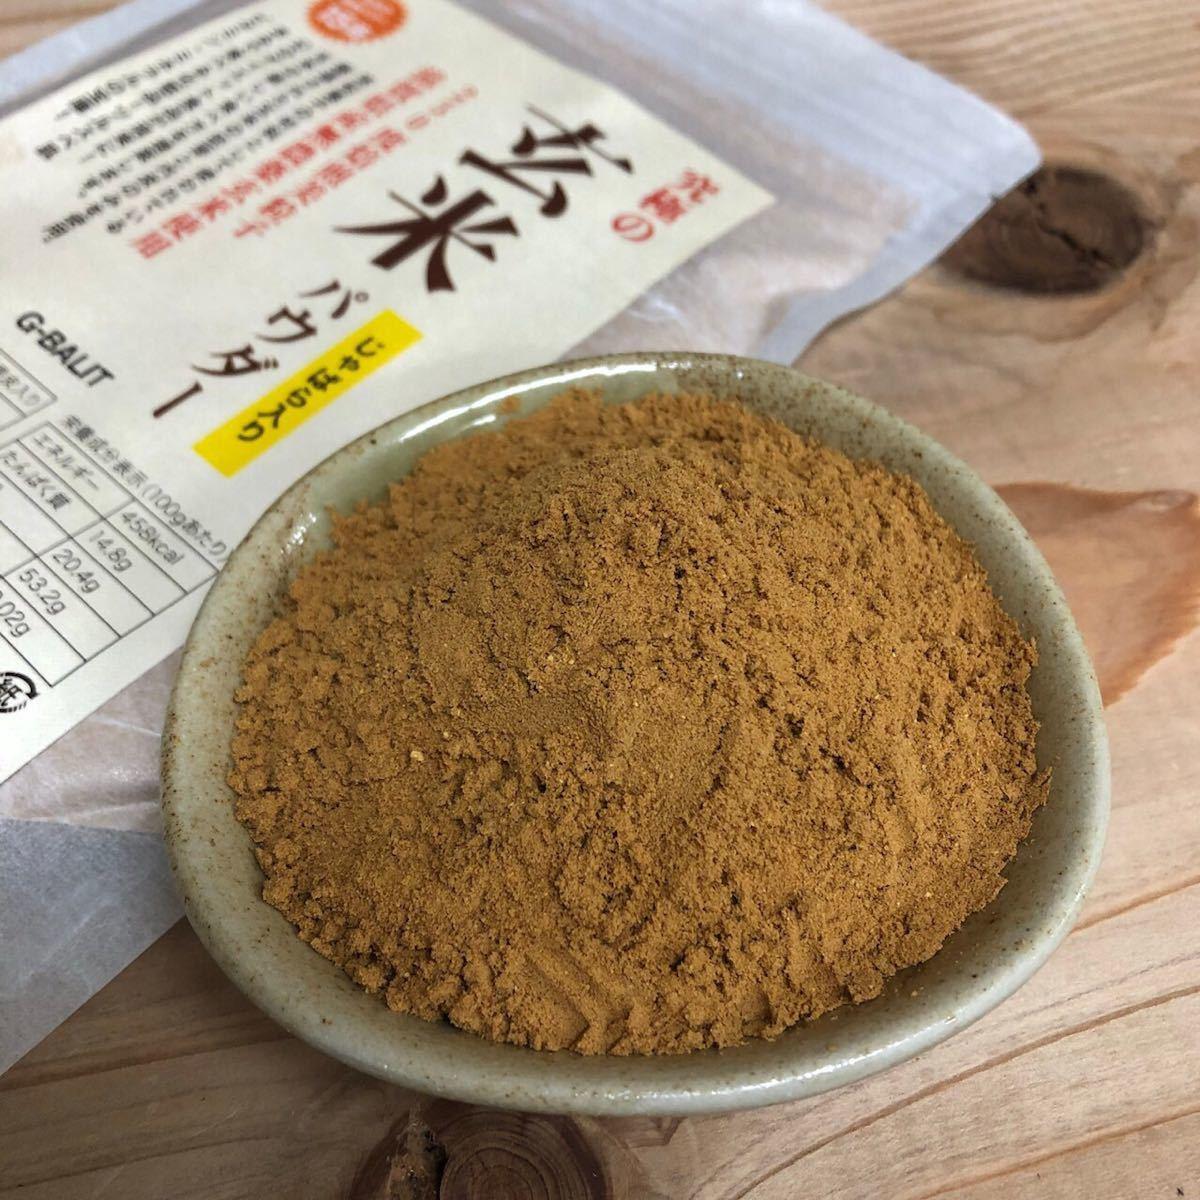 究極の玄米パウダーじゃばら果皮配合 300g 滋賀県無農薬玄米使用 美粒子タイプ じゃばら 玄米 玄米粉 じゃばら果皮 無糖 無添加UP HADOO_画像3